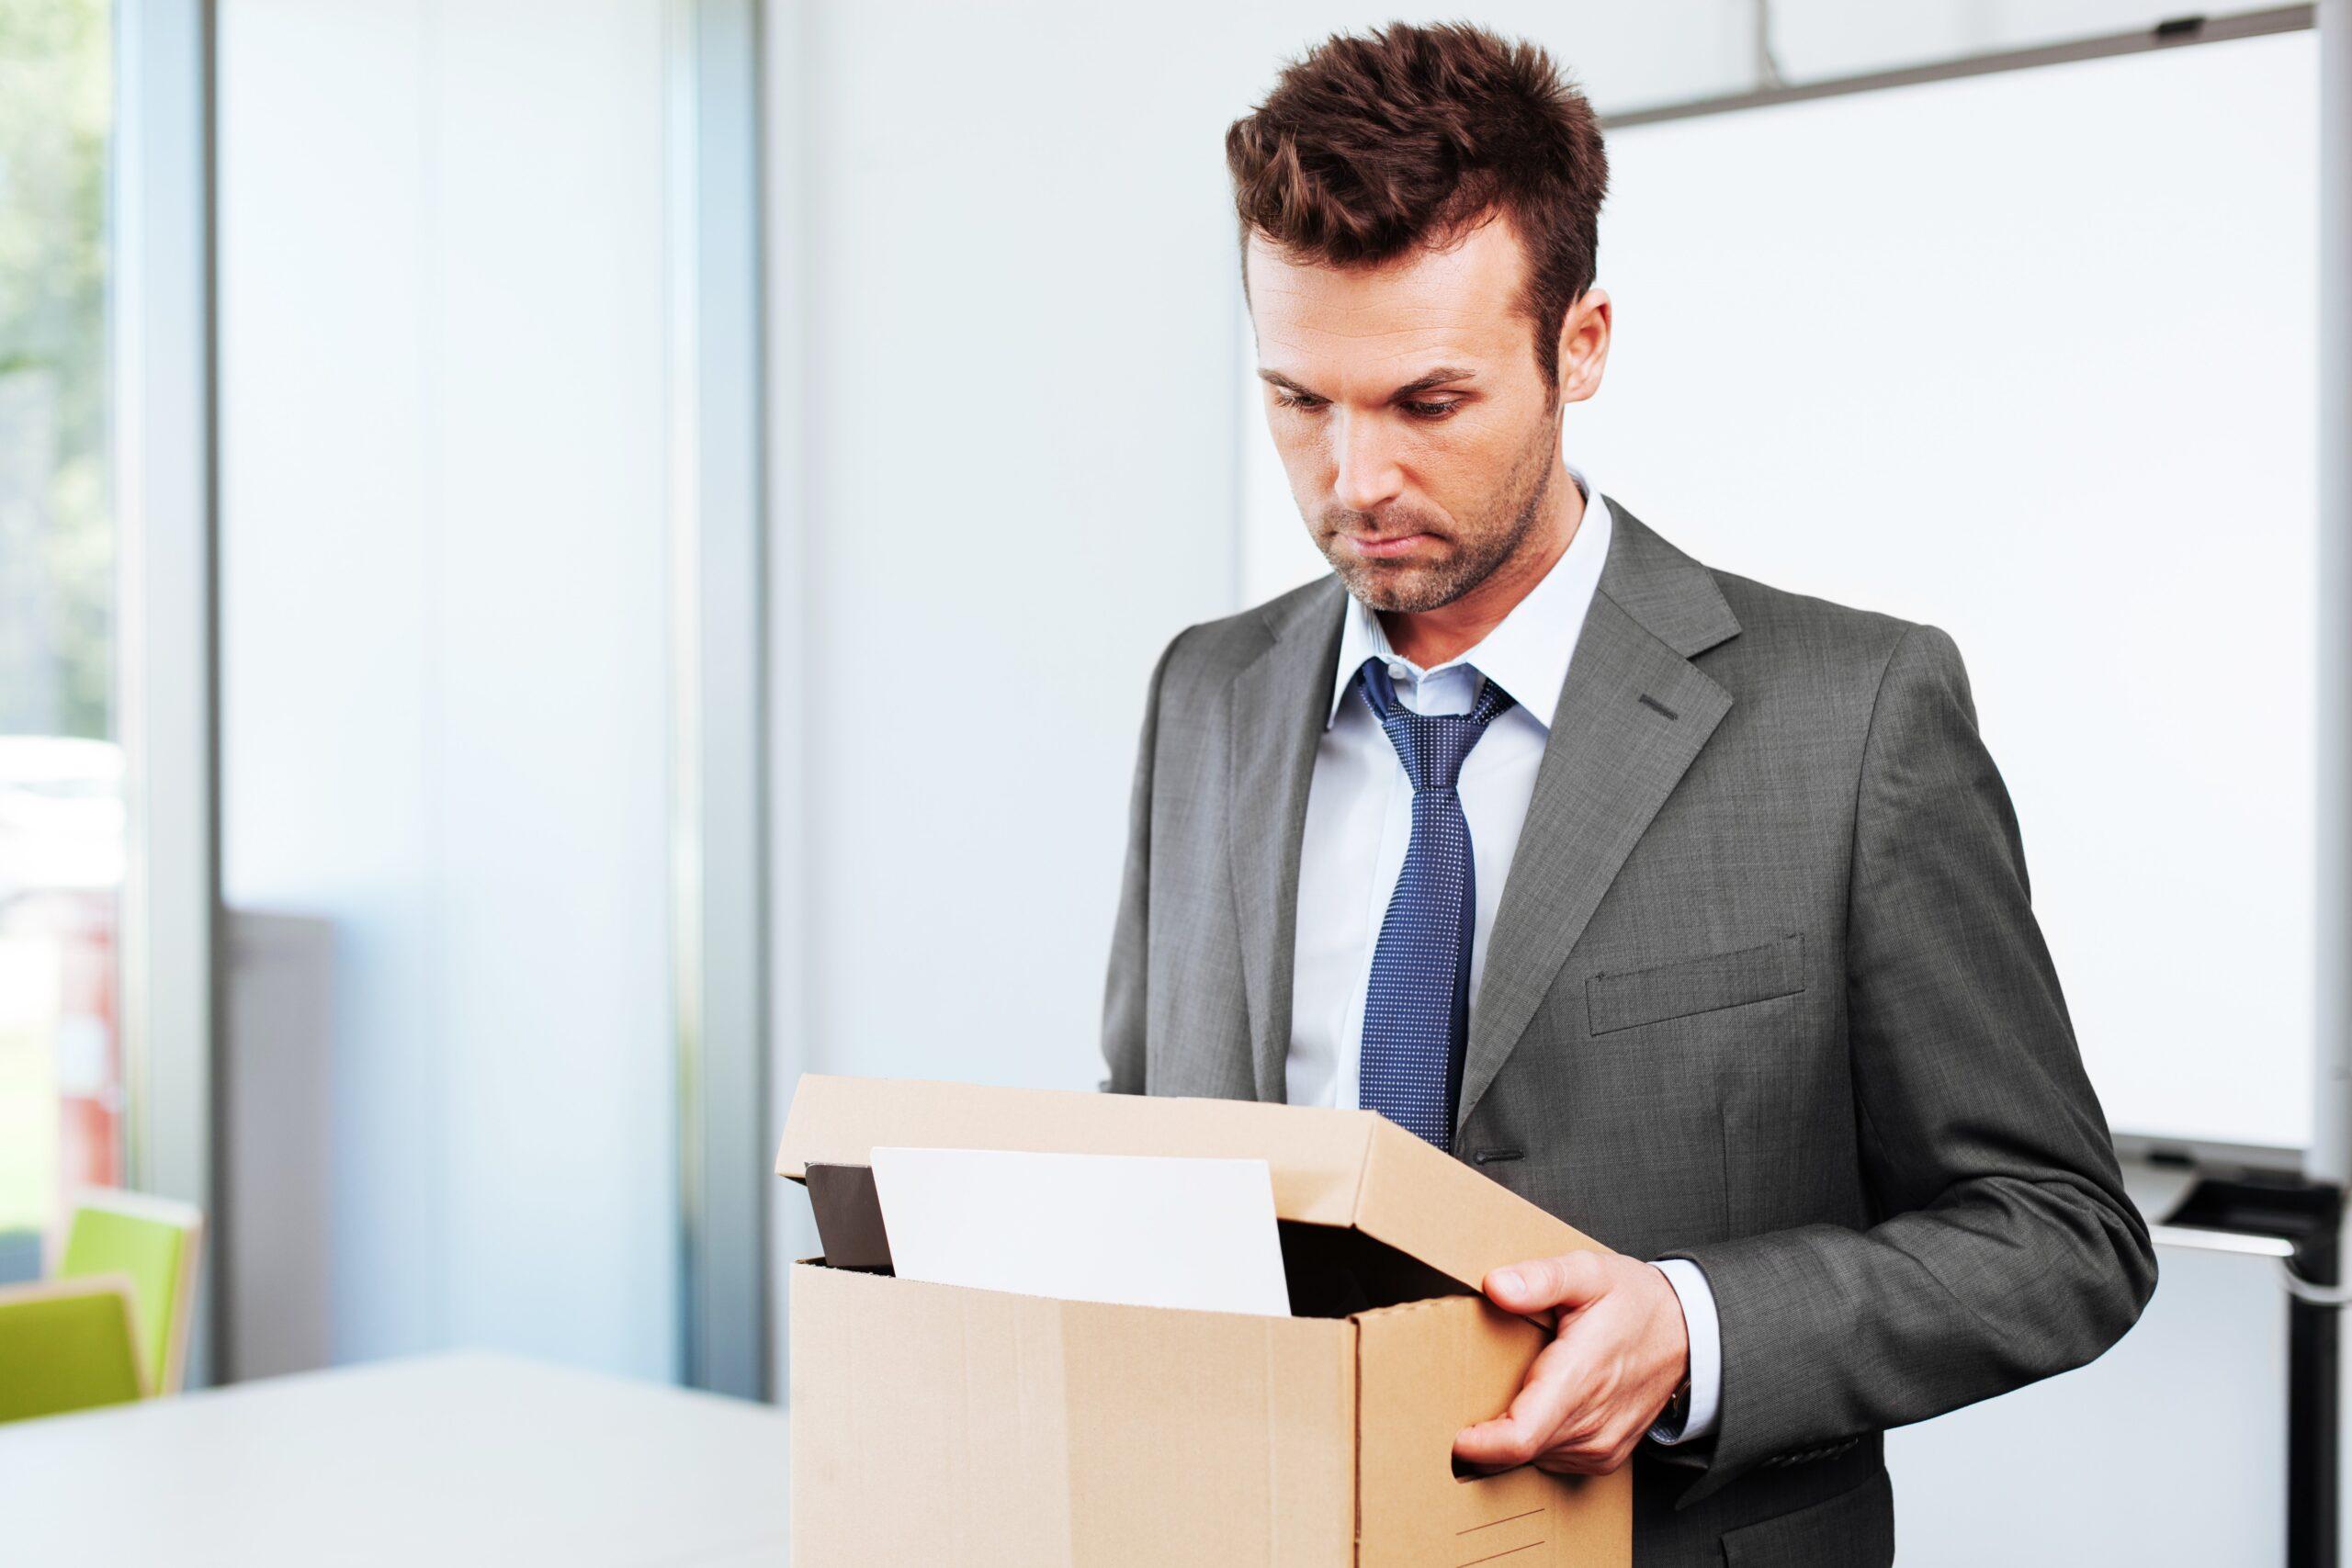 Firing Employees for Bad Behavior Outside of Work